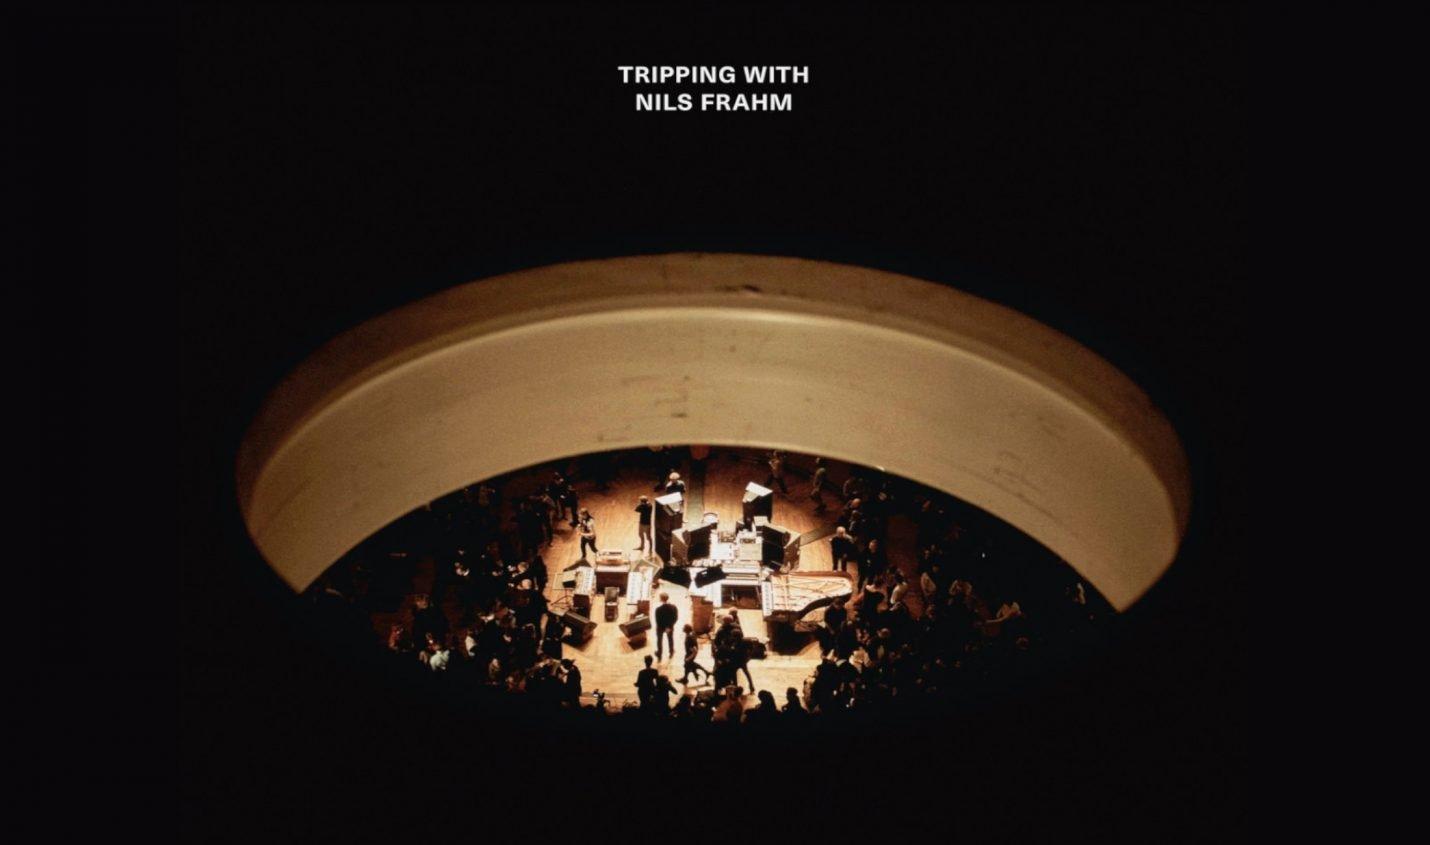 Tripping with Nils Frahm: Livealbum und Konzertfilm angekündigt